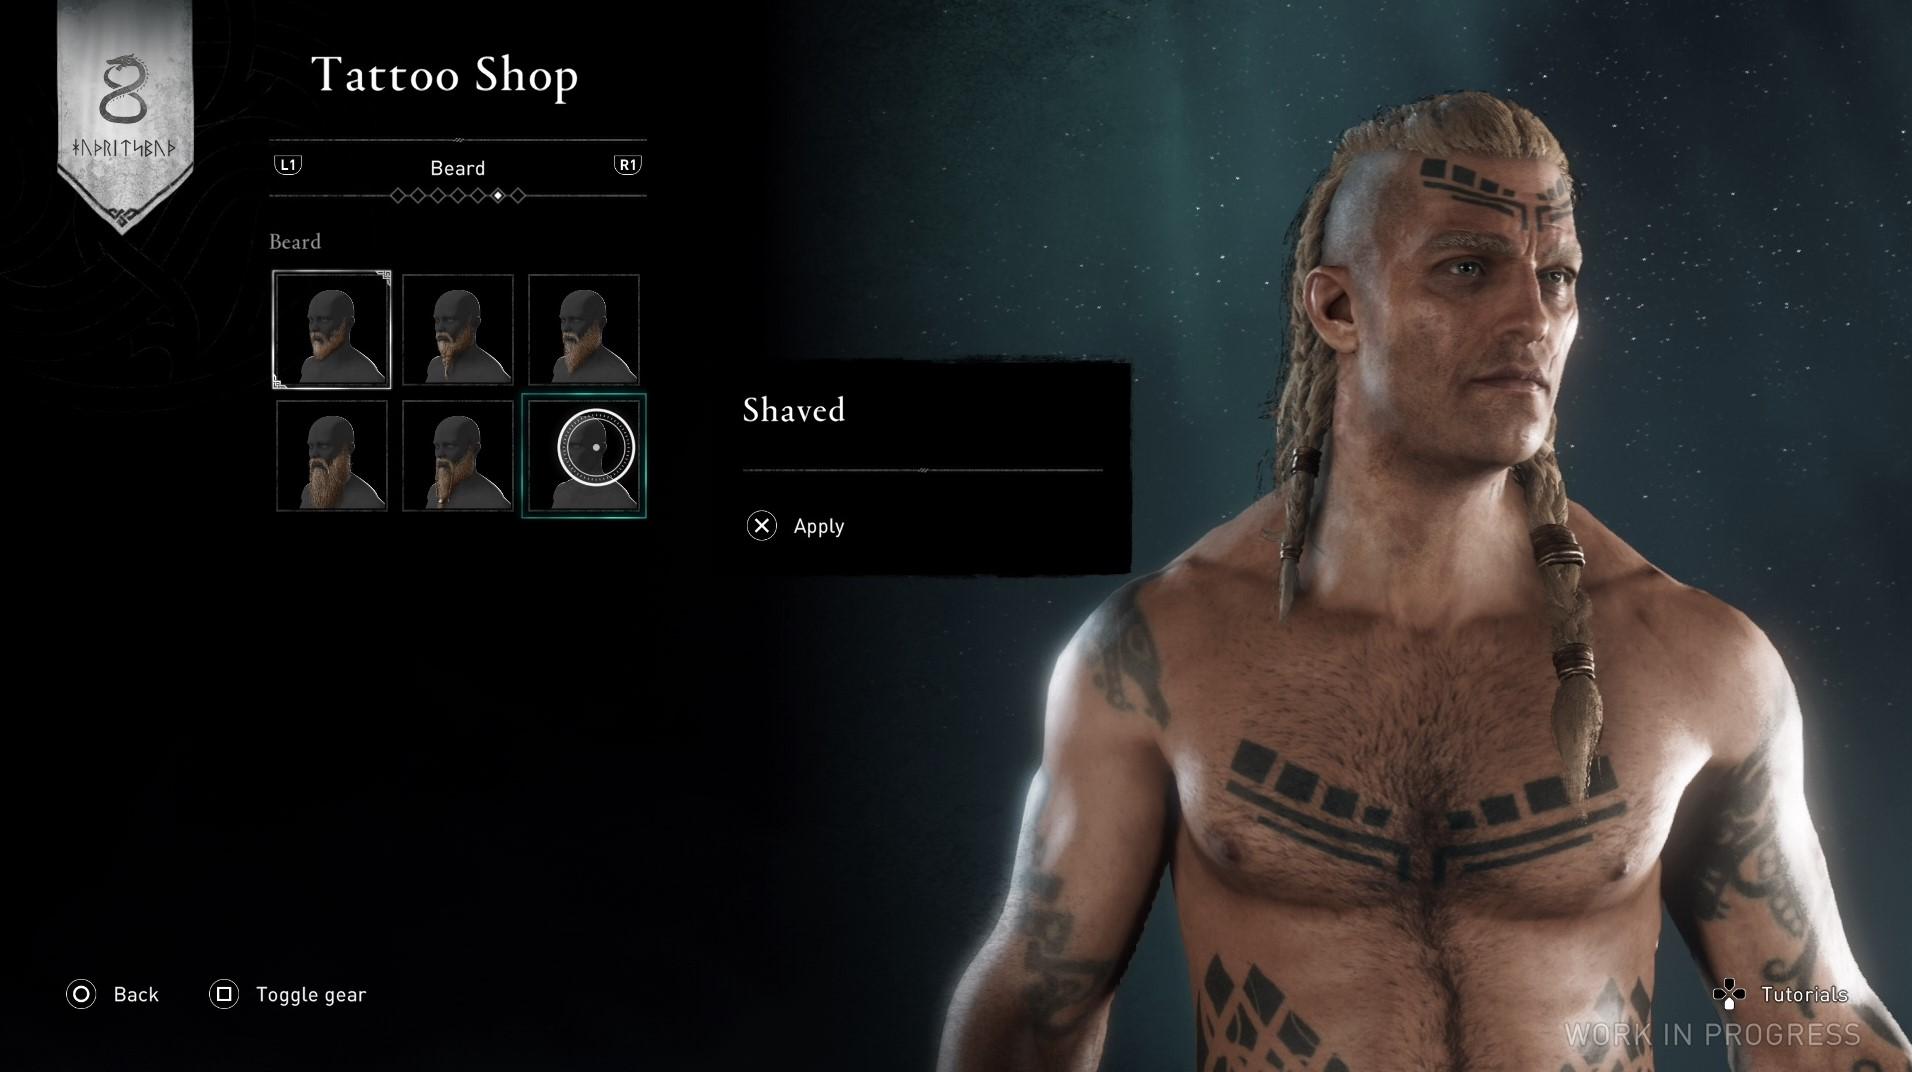 刺青店也可以改變髮型、鬍子外觀等造型